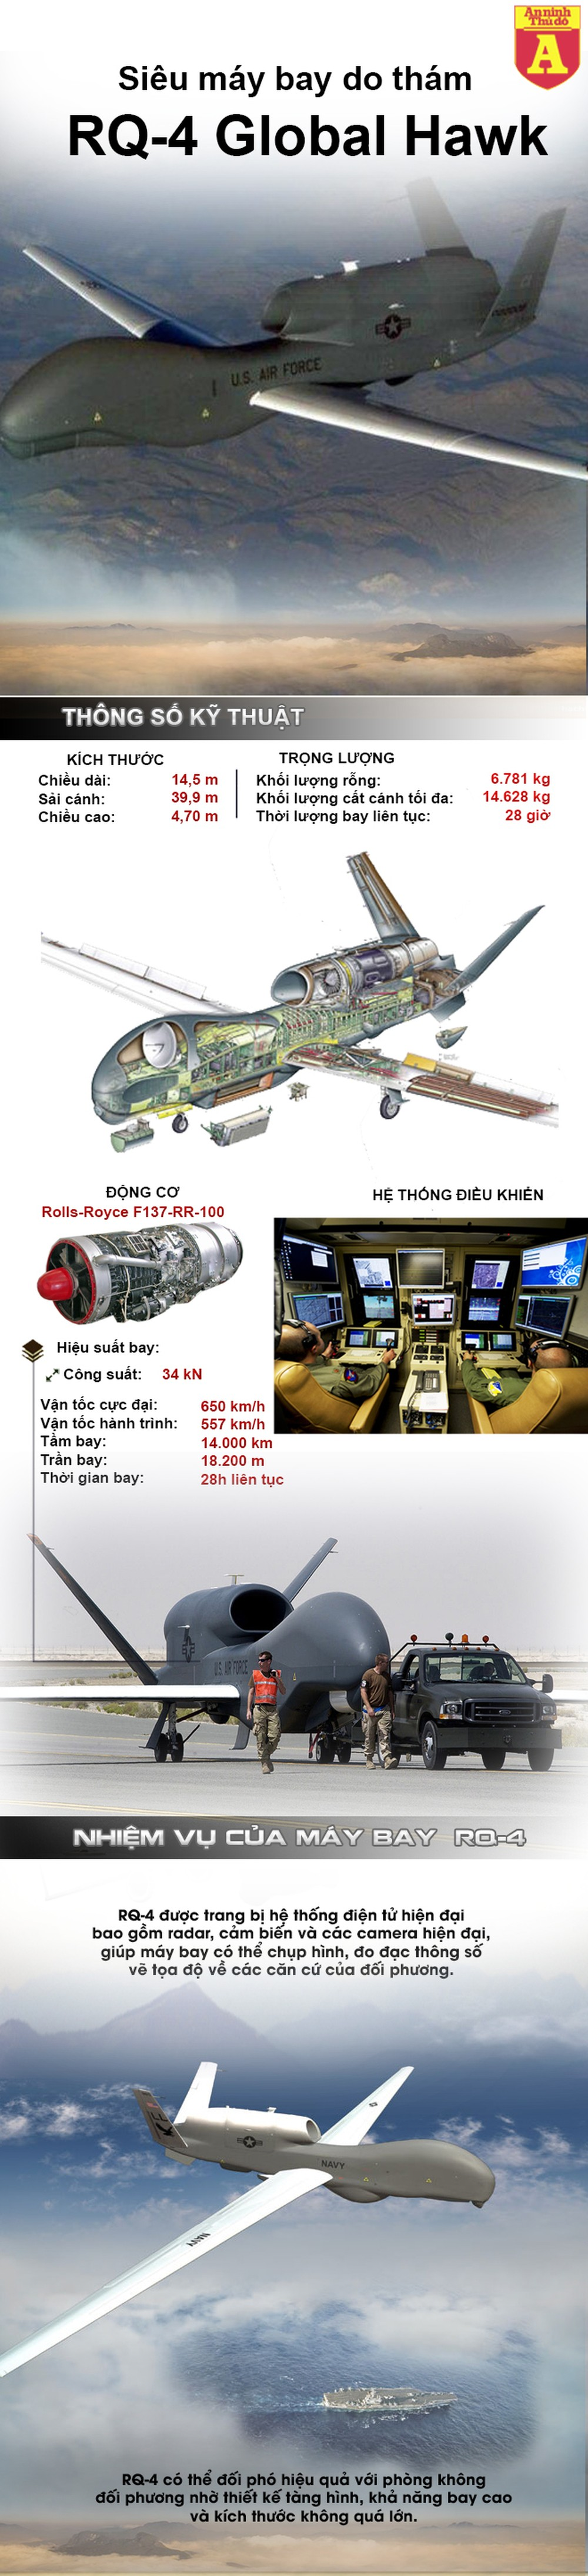 """[Infographic] Hàn Quốc có """"mắt thần"""" từ Mỹ, mọi căn cứ quân sự Triều Tiên đều sẽ lộ rõ ảnh 2"""